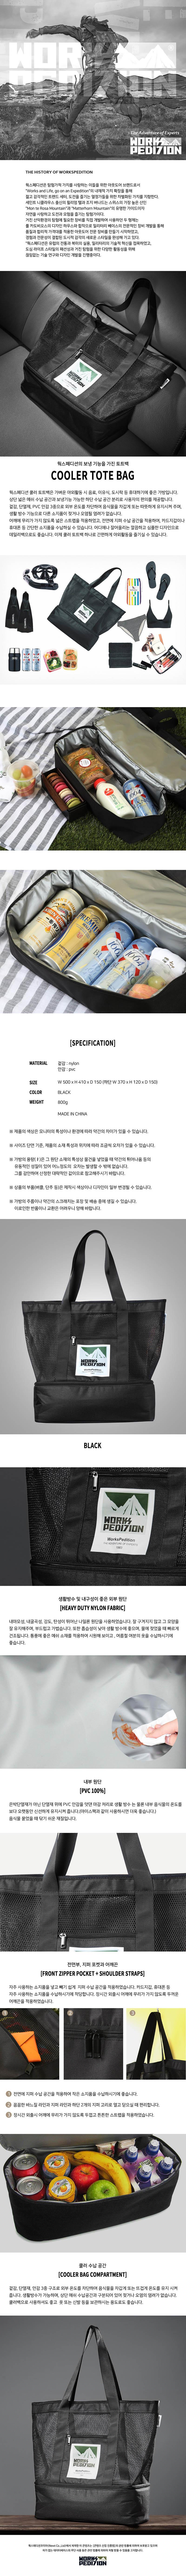 newt coller bag-d.jpg